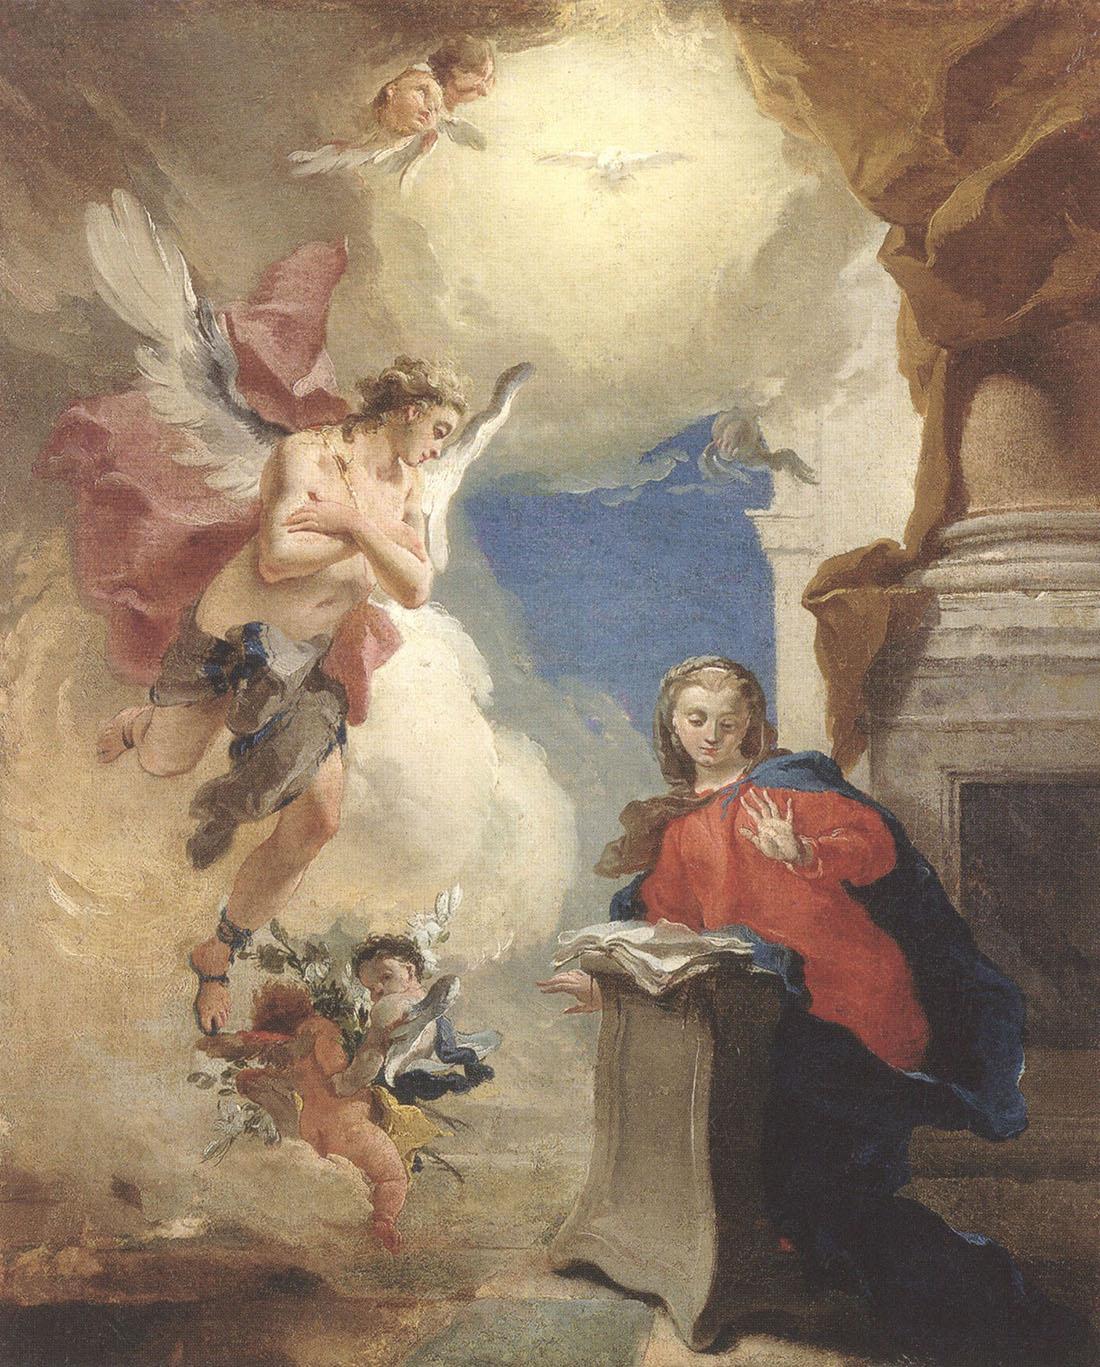 """Джованни Баттиста Тьеполо. """"Благовещение"""". Между 1724 и 1725."""